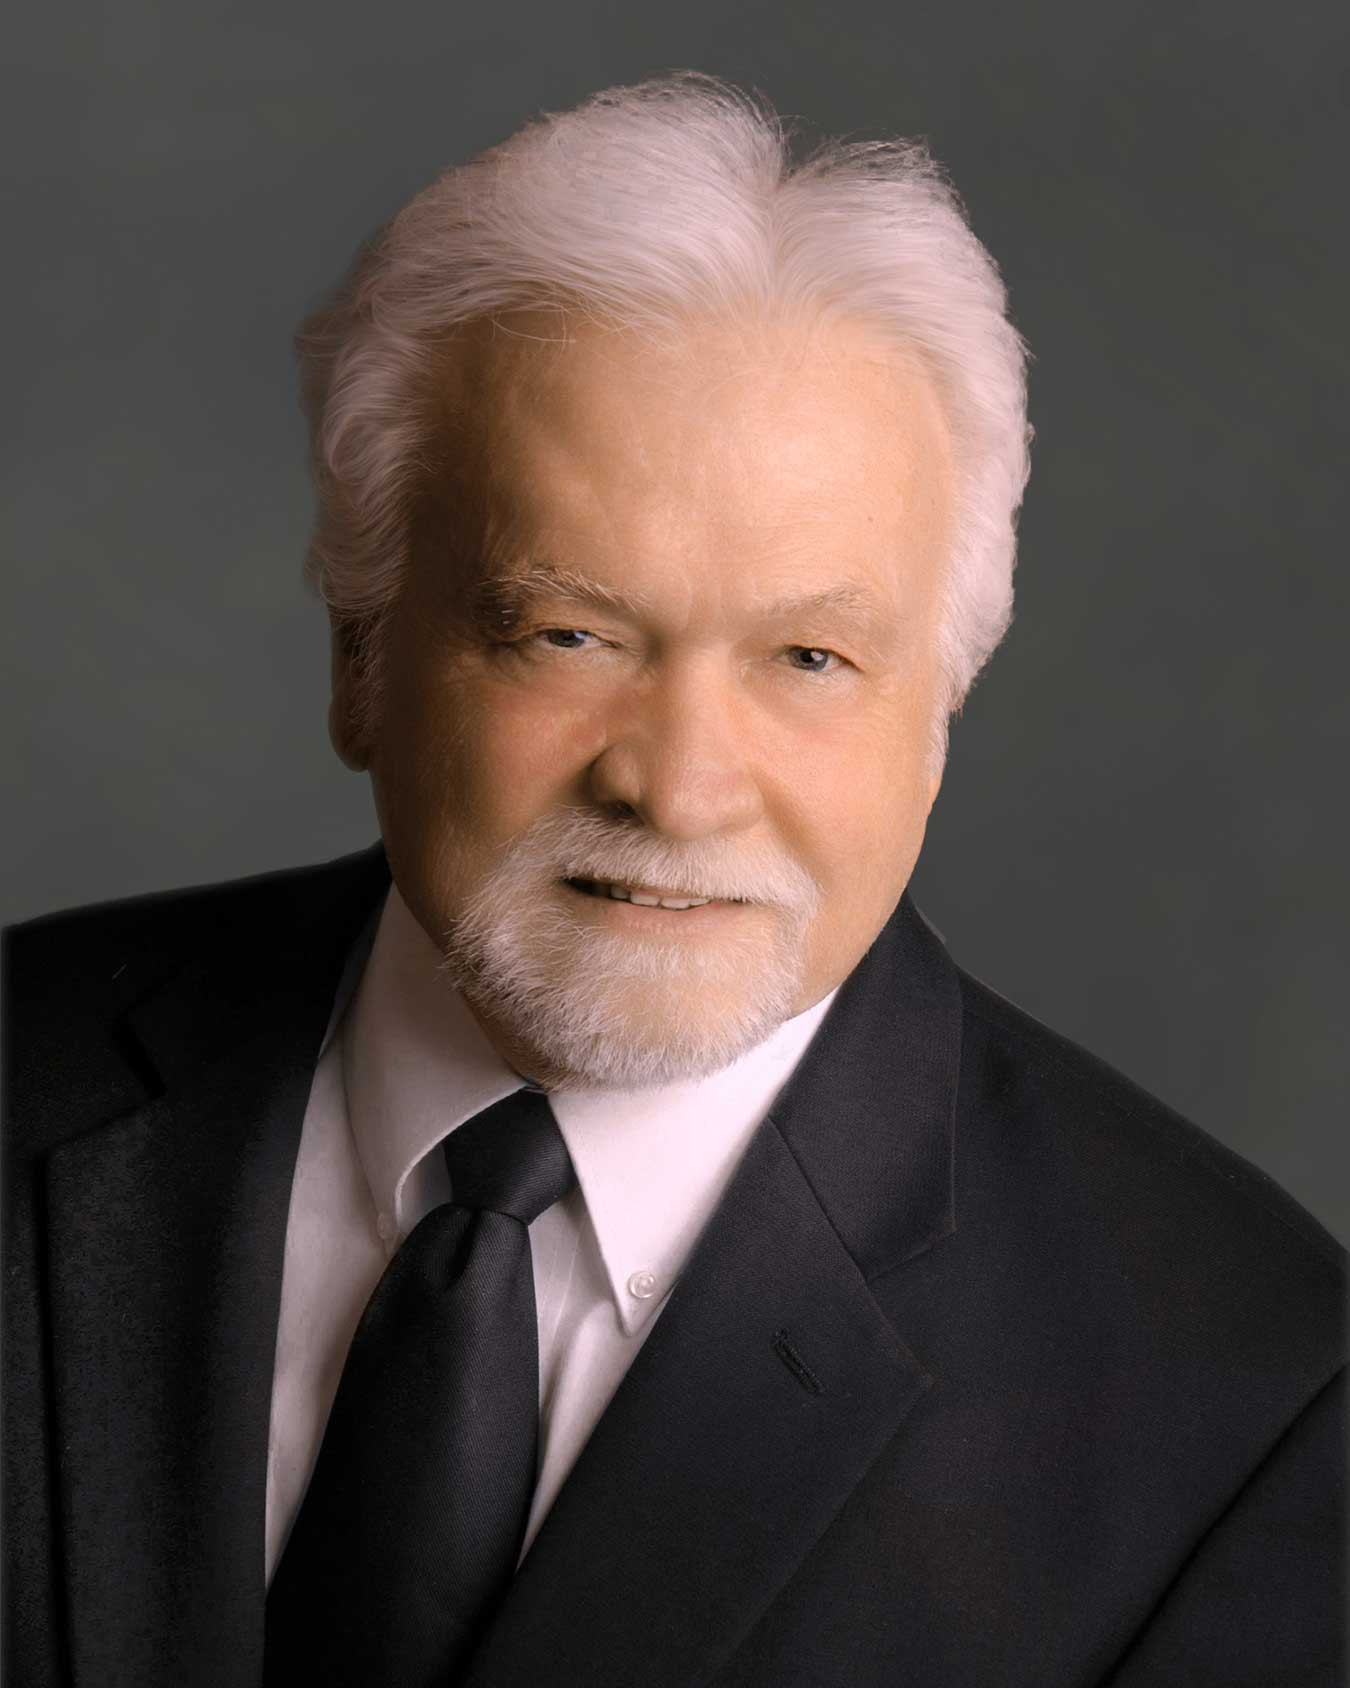 Bruce Jeppson